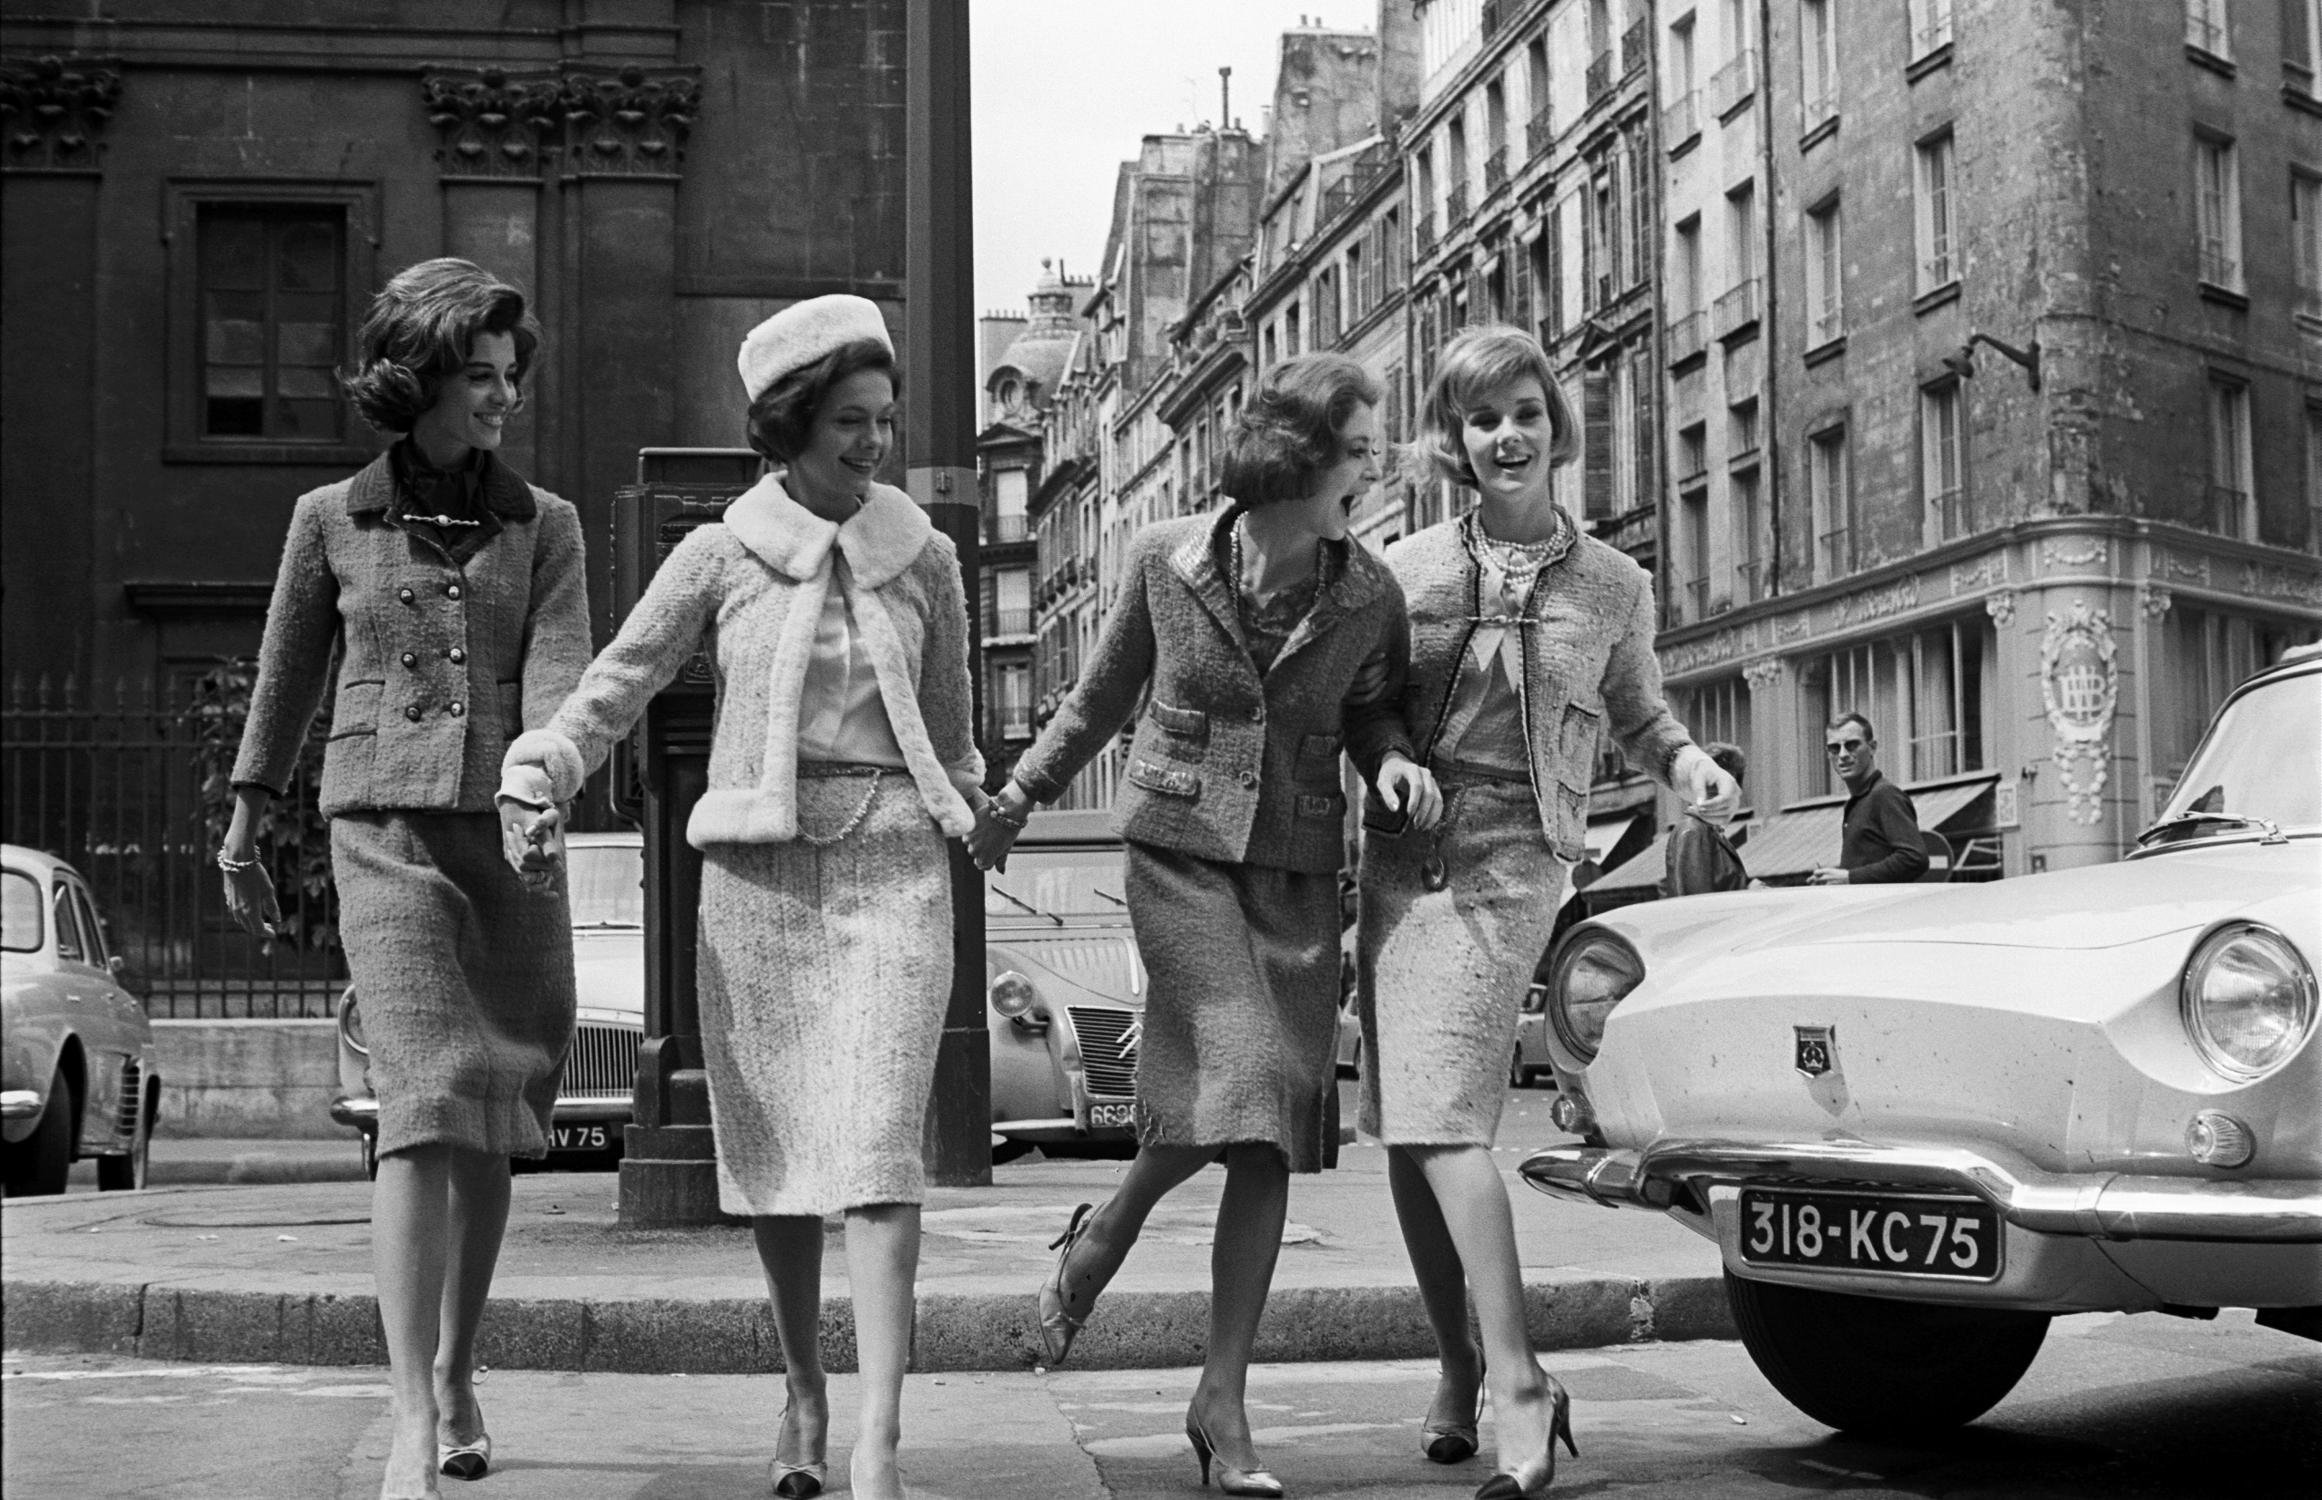 四名时尚女郎穿着由可可·香奈儿(CoCo Chanel)设计的斜纹软呢套装/视觉中国